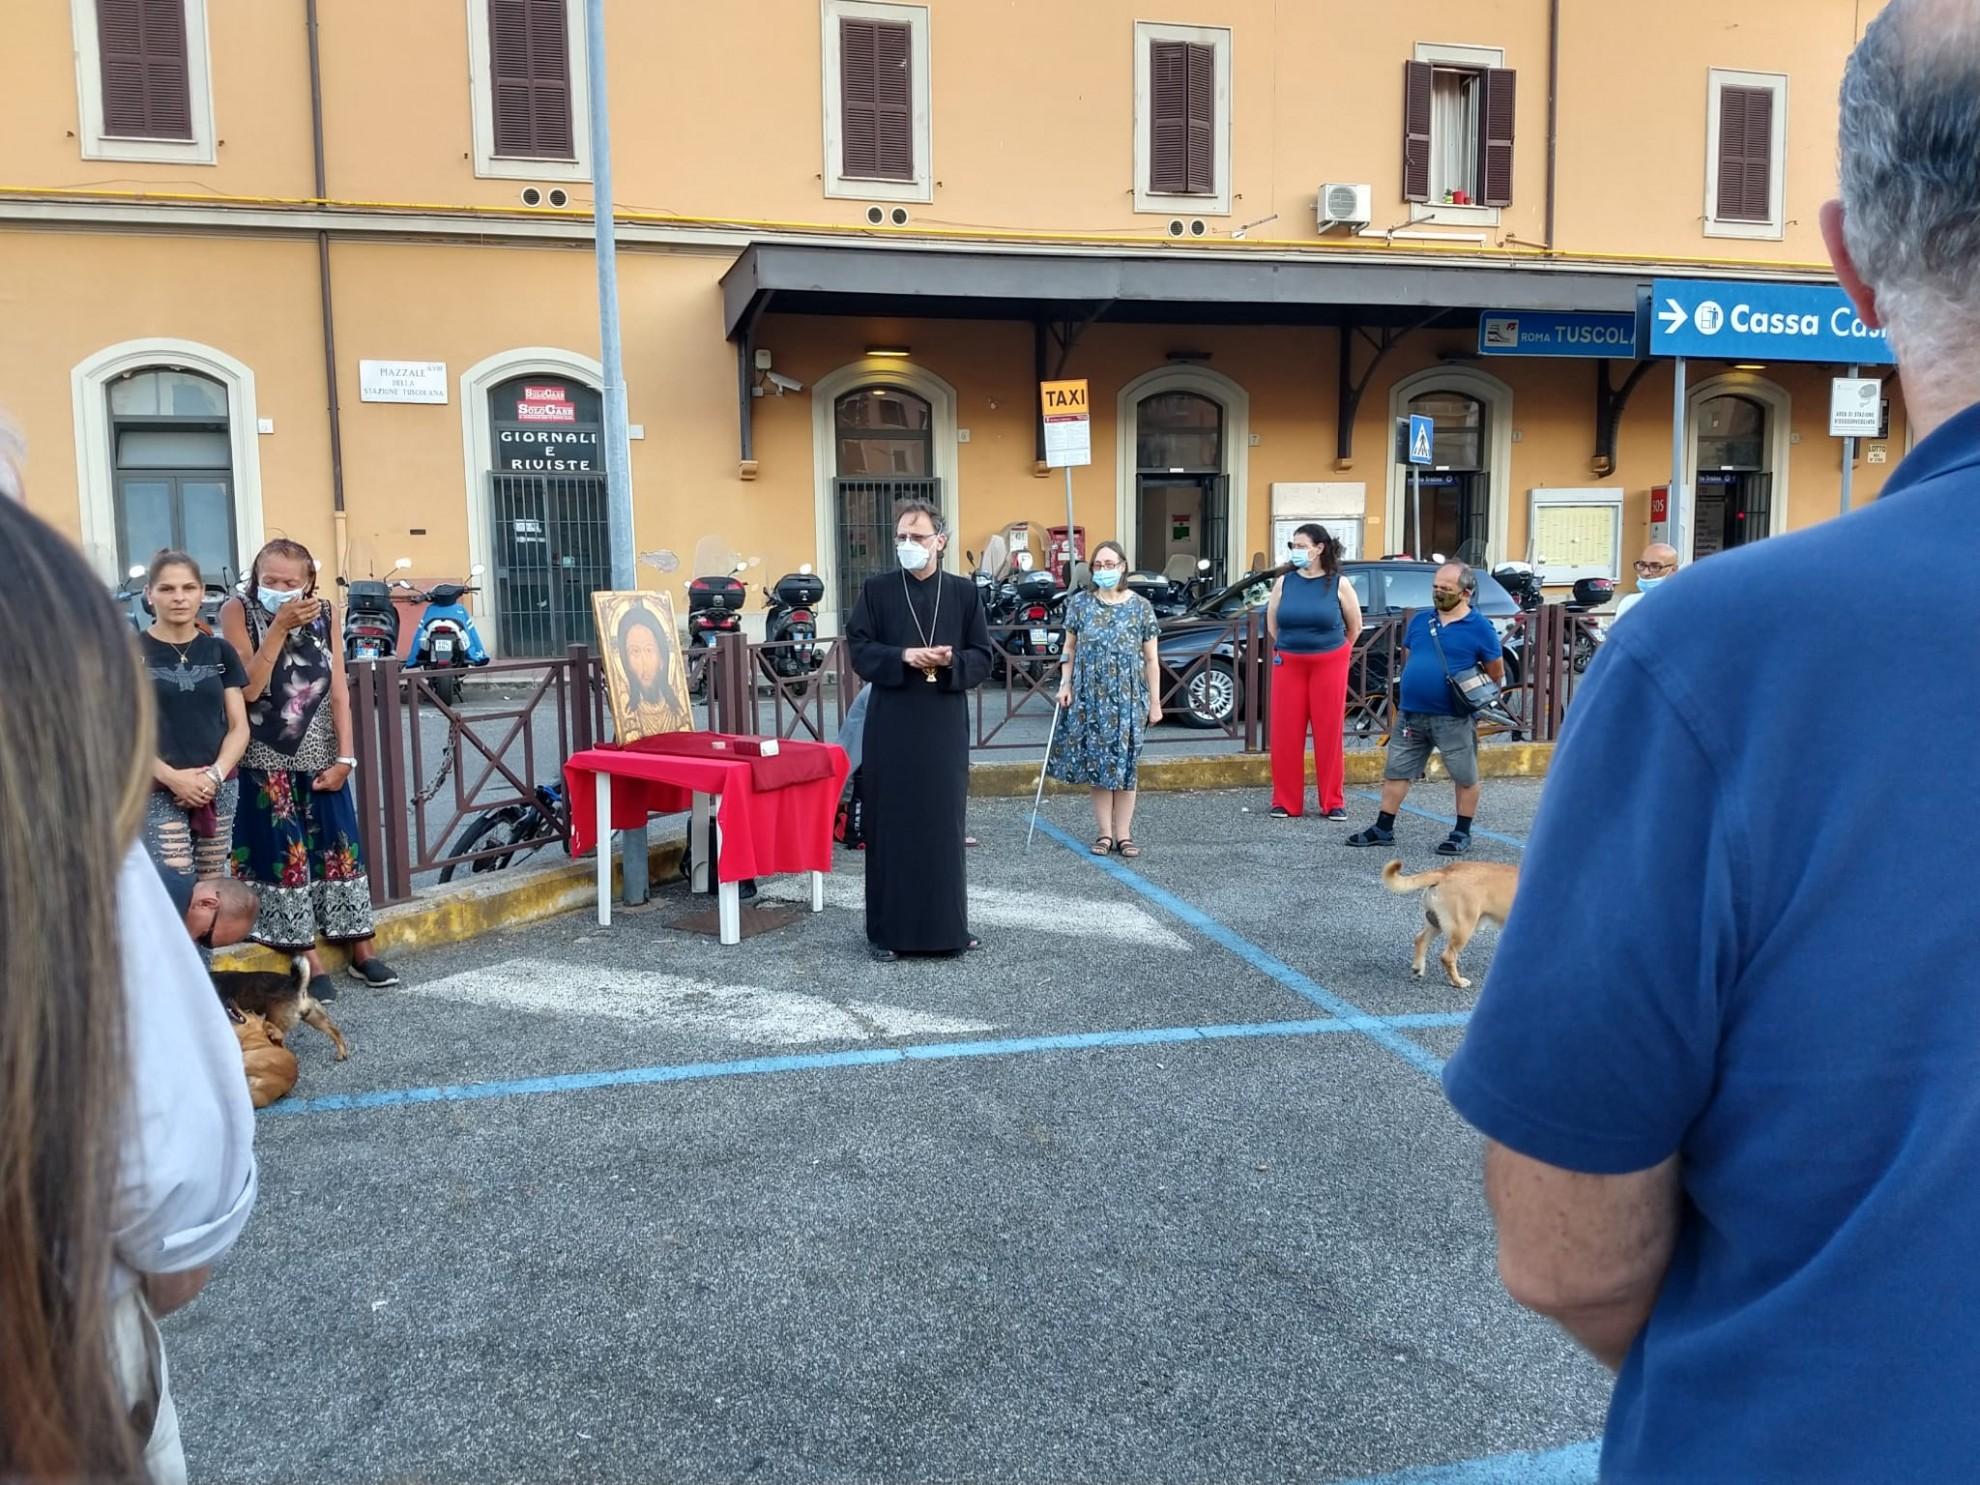 Români pentru români aflați în dificultate. Episcopia Italiei îi ajută pe românii care locuiesc pe străzile Romei